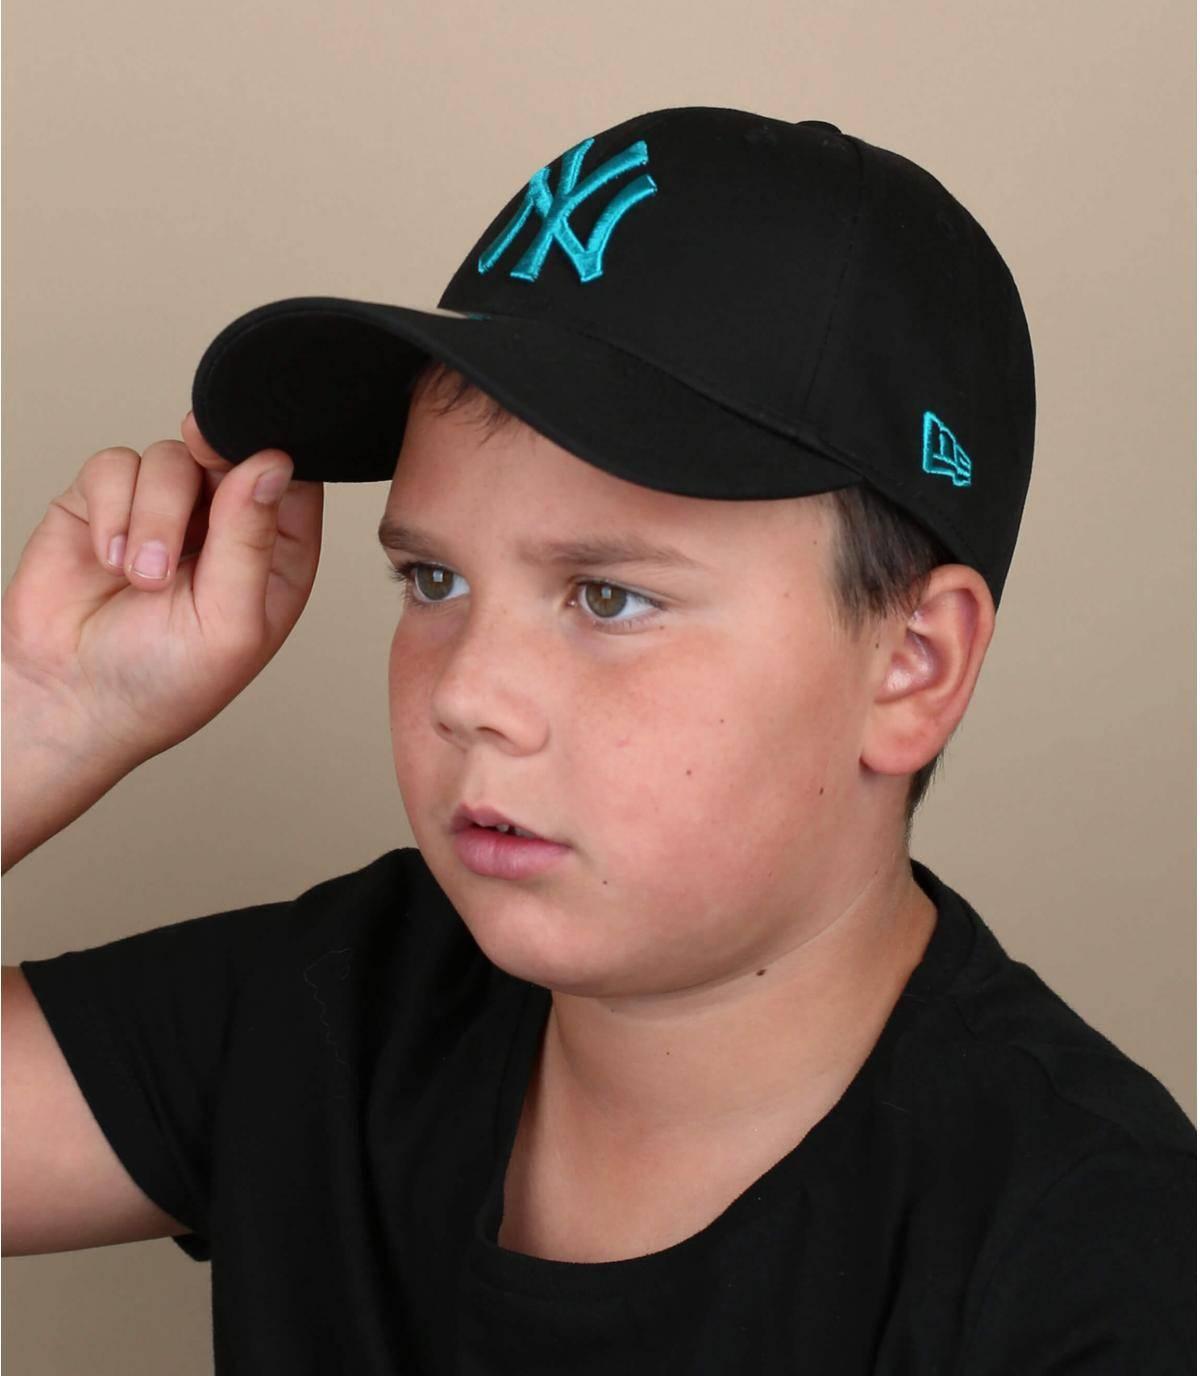 cappellino bambino LA nero